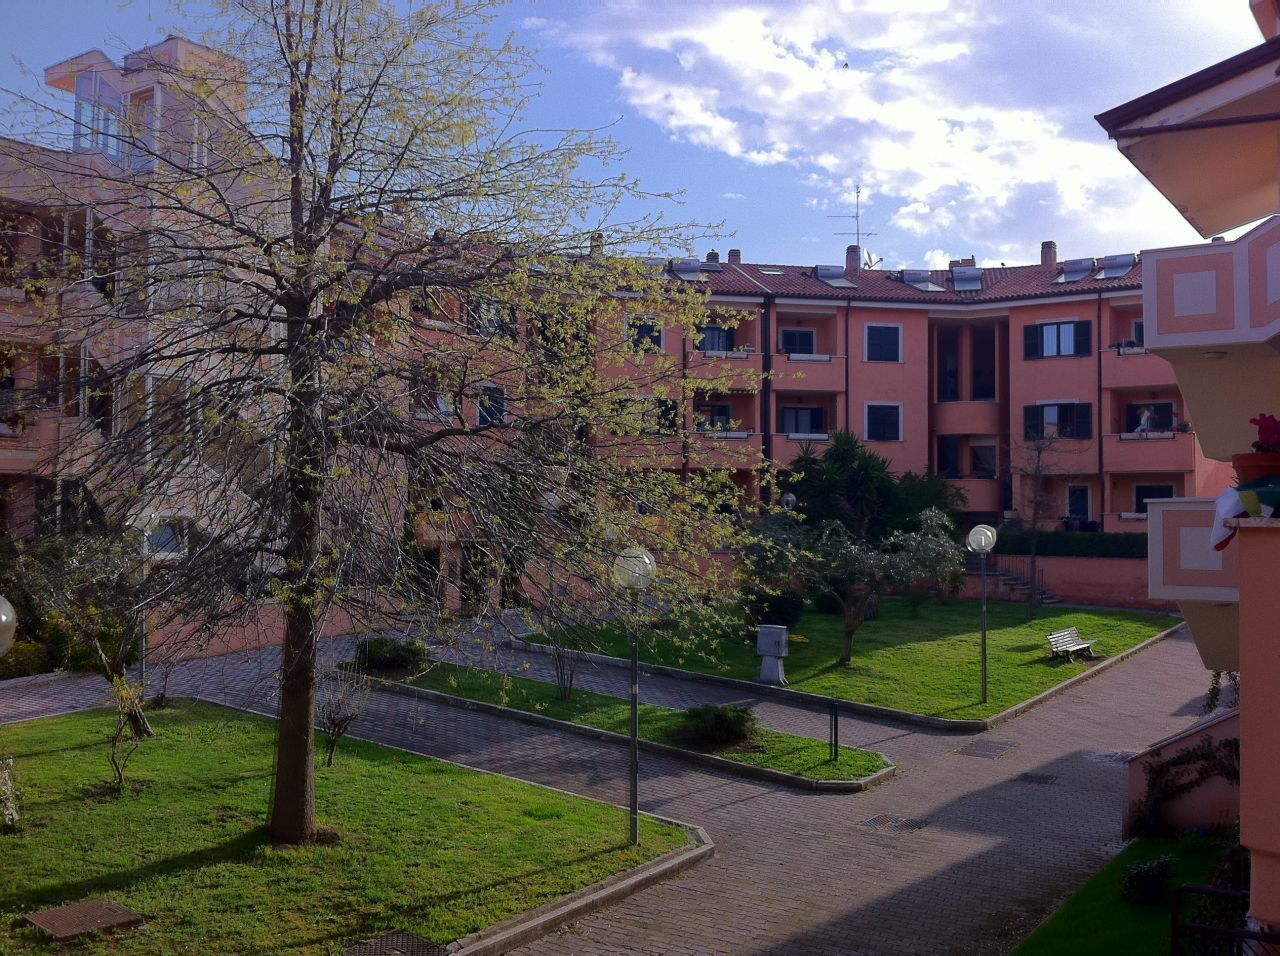 Appartamento in vendita a Grottaferrata, 2 locali, prezzo € 139.000 | Cambio Casa.it